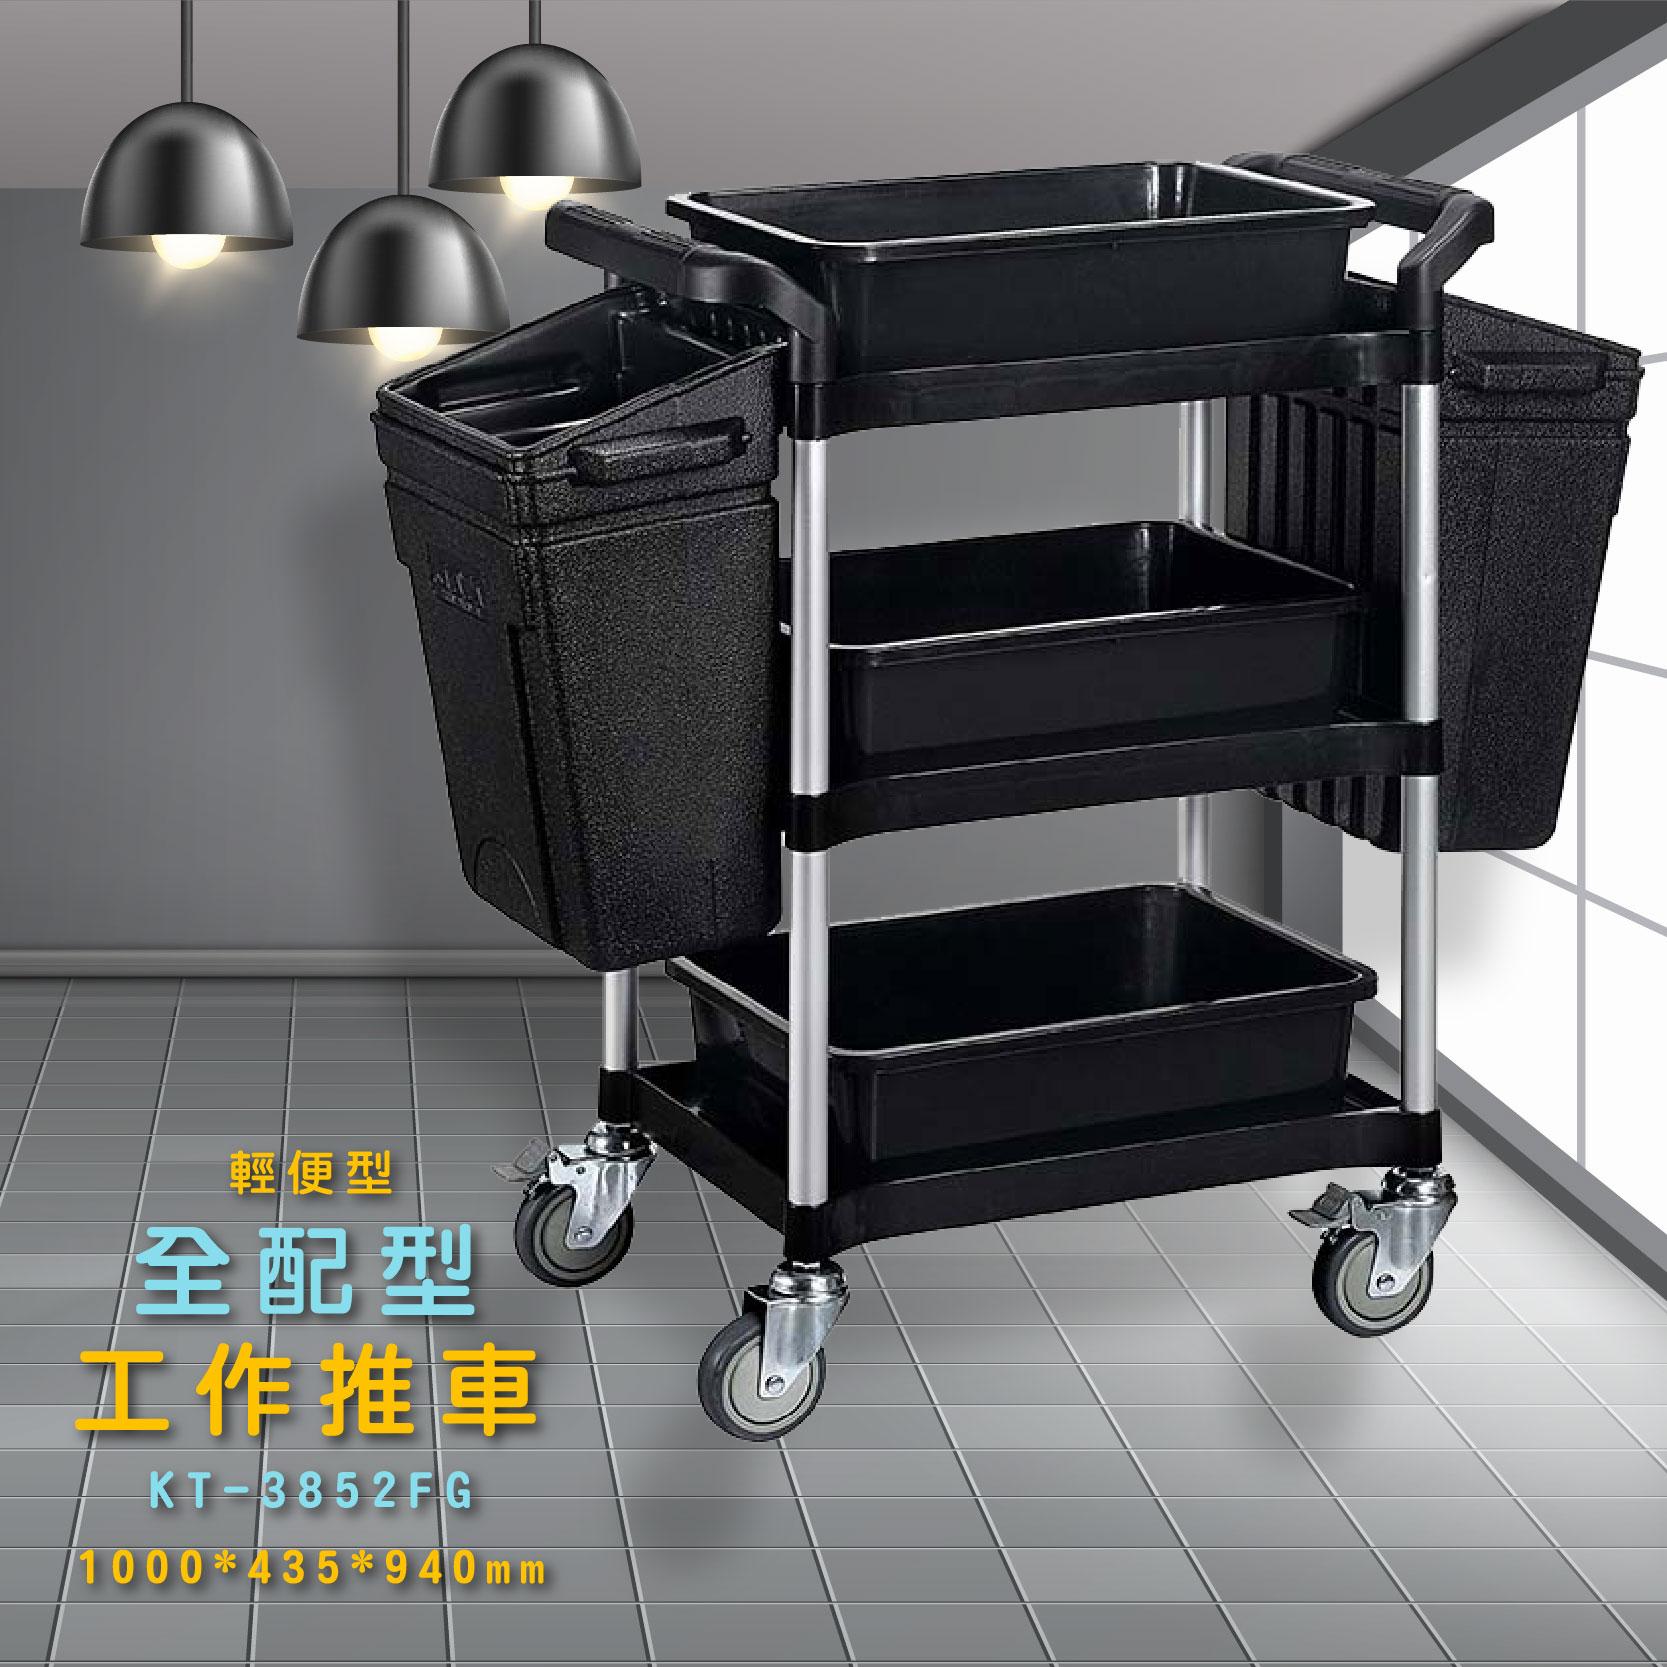 輕便型全配型三層工作推車(小) KT-3852FG 餐車 服務車 分層推車 置物架 手推車 左右掛桶 收納盒 餐飲